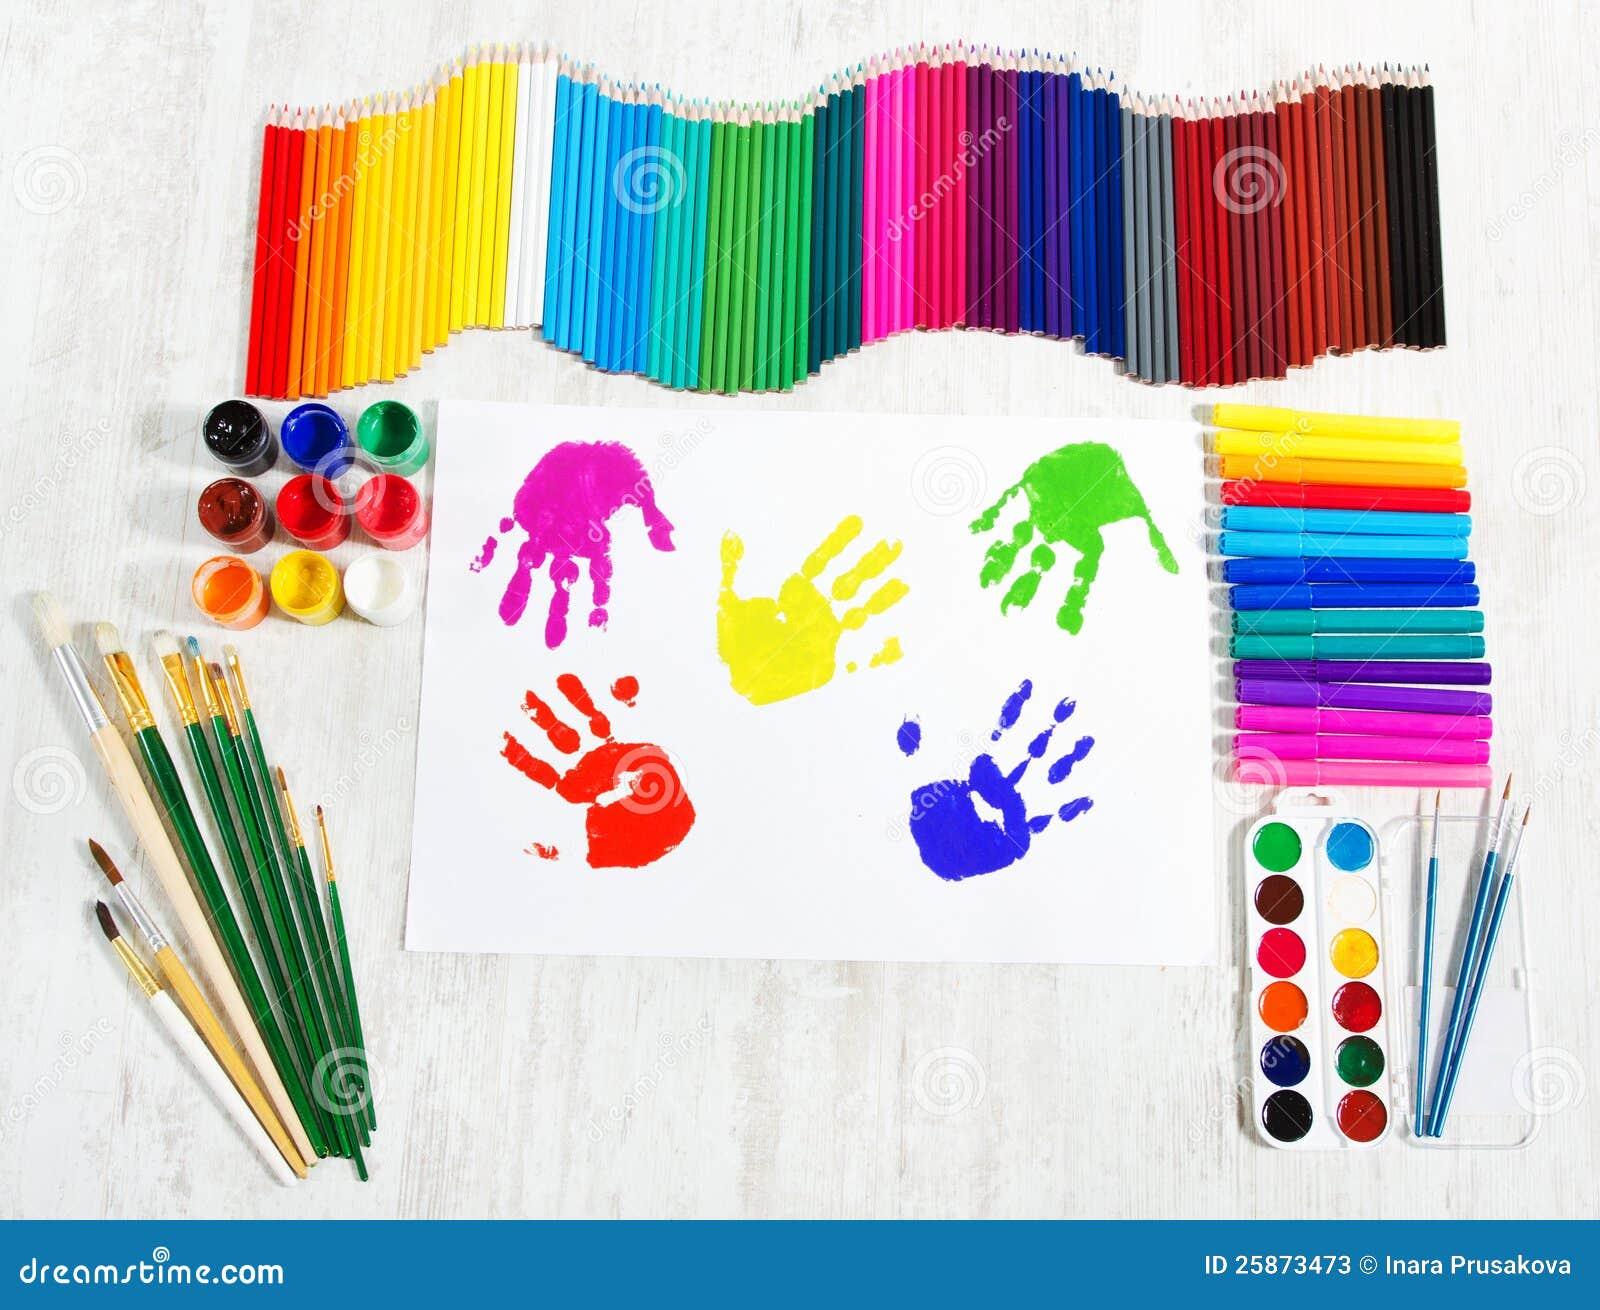 outils de peinture impressions de main d 39 enfant cr ativit photos stock image 25873473. Black Bedroom Furniture Sets. Home Design Ideas